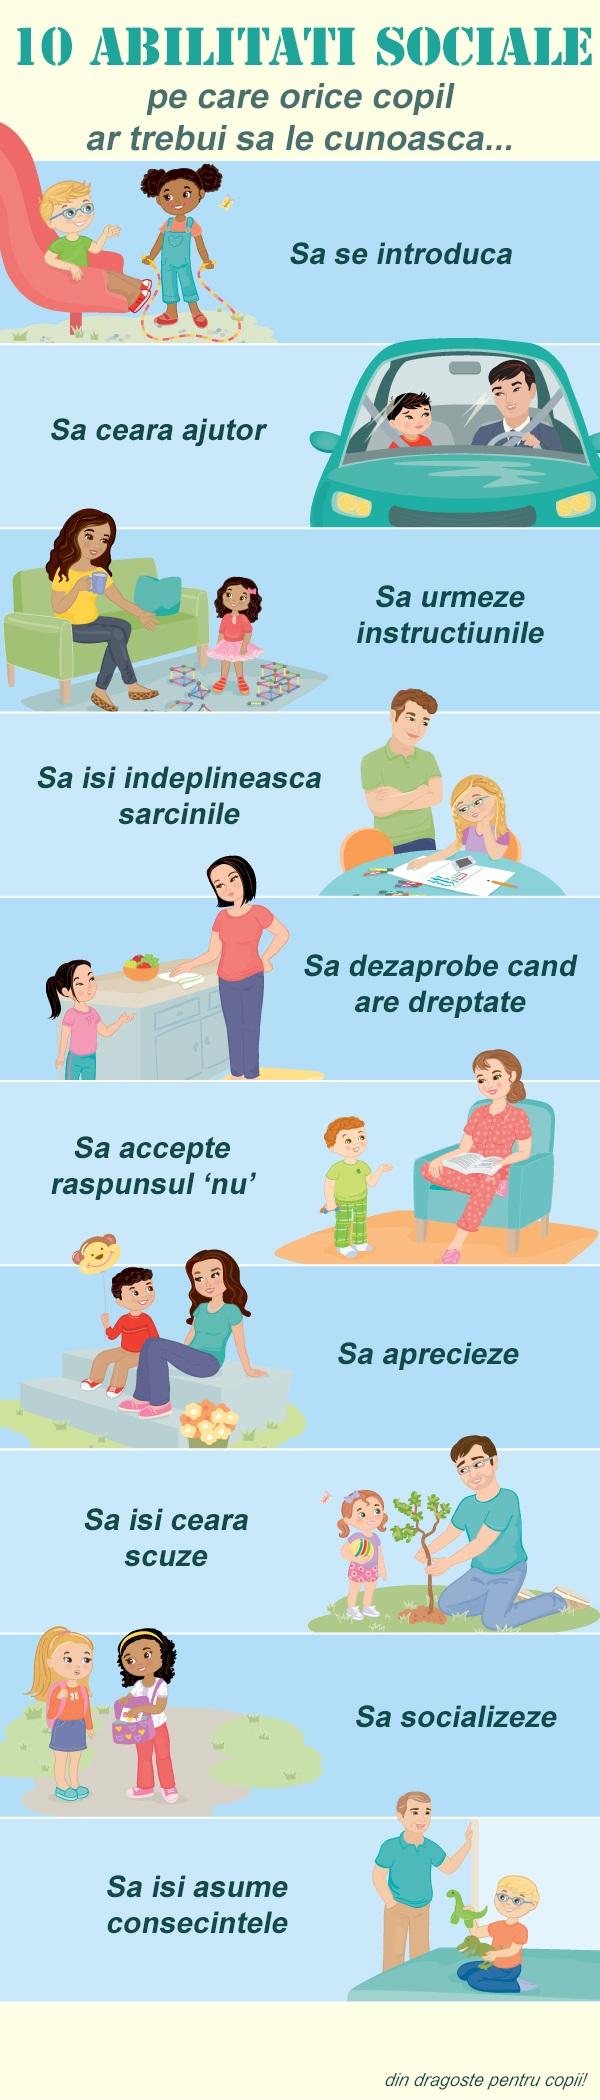 abilitati sociale copii